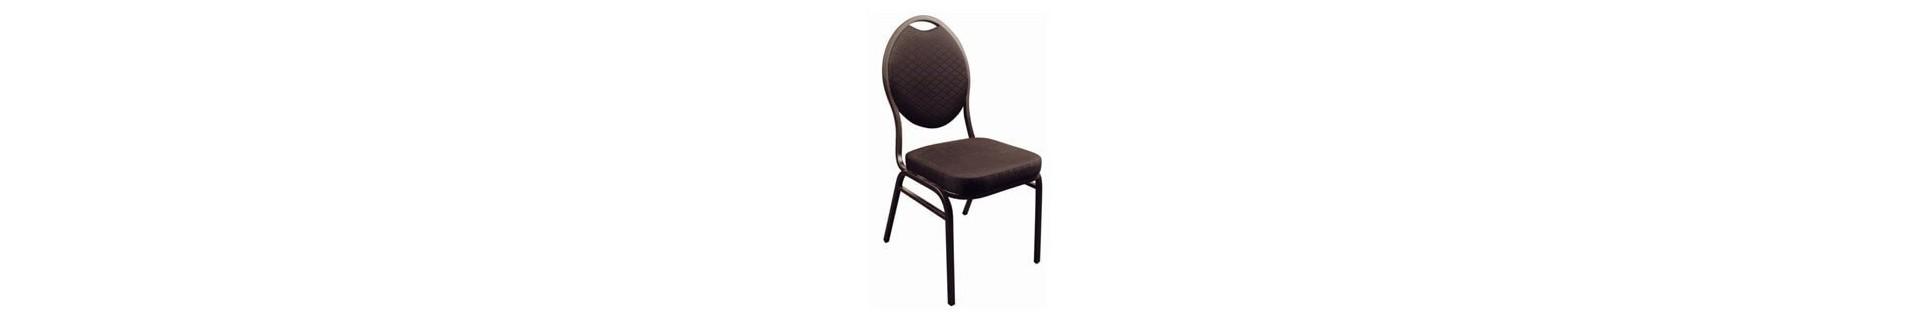 Housses de chaises pour chaise Banquet